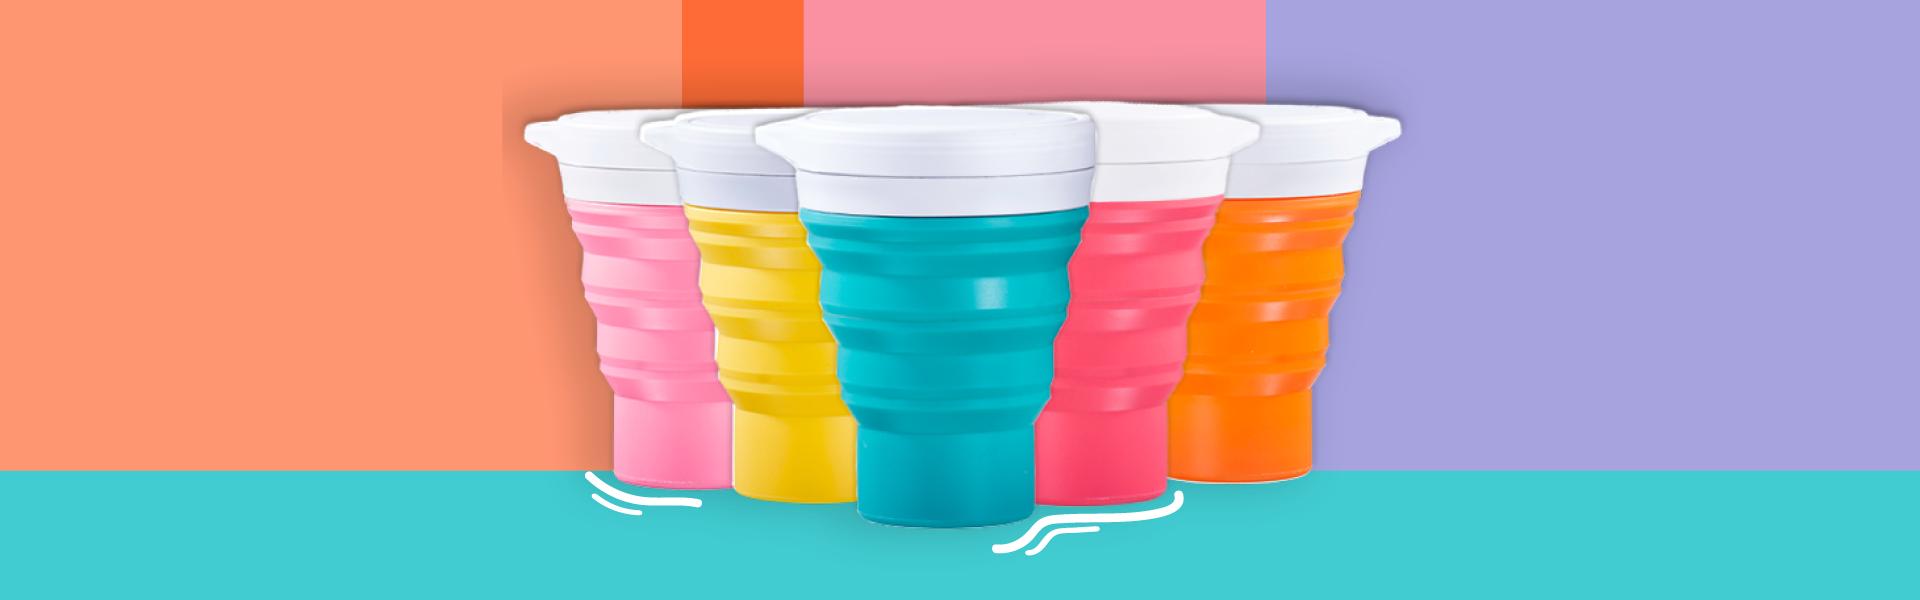 copos menos 1 lixo sobre fundo colorido